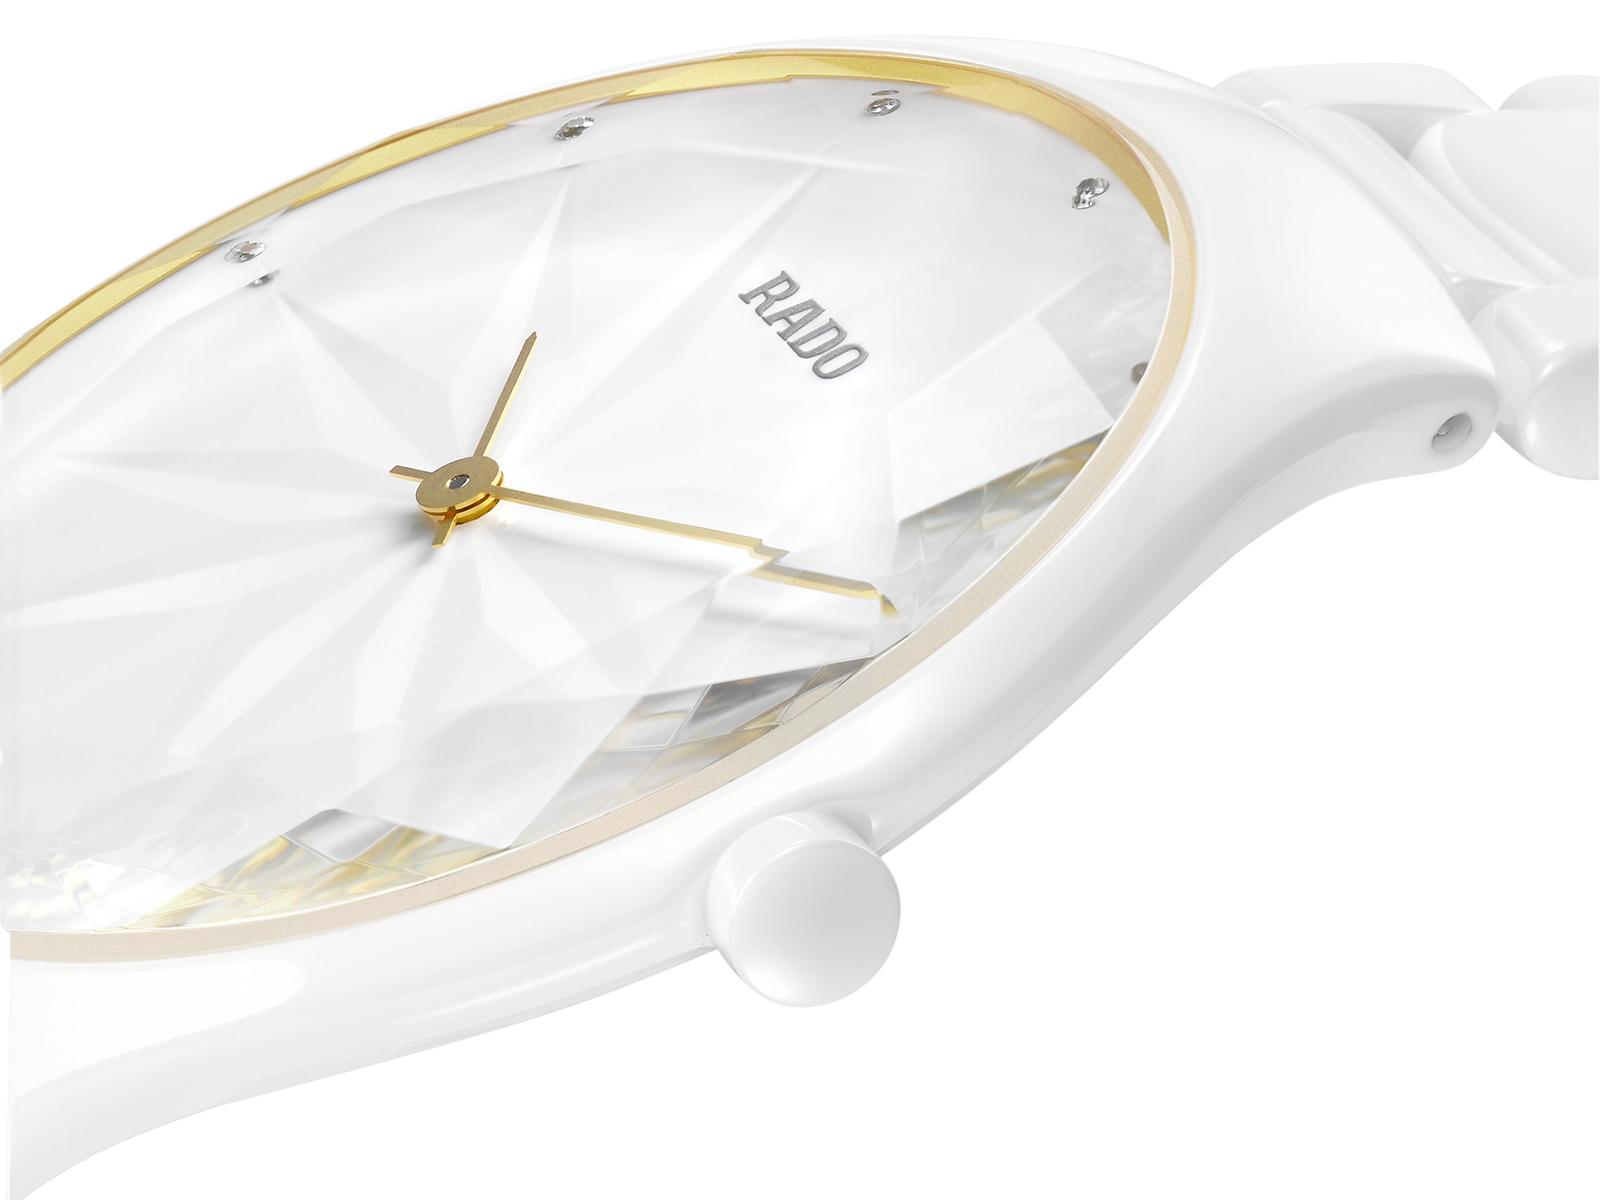 【RADO ラドー】True Thinline Gem シンライン ジェム 1001本限定/国内正規品 腕時計